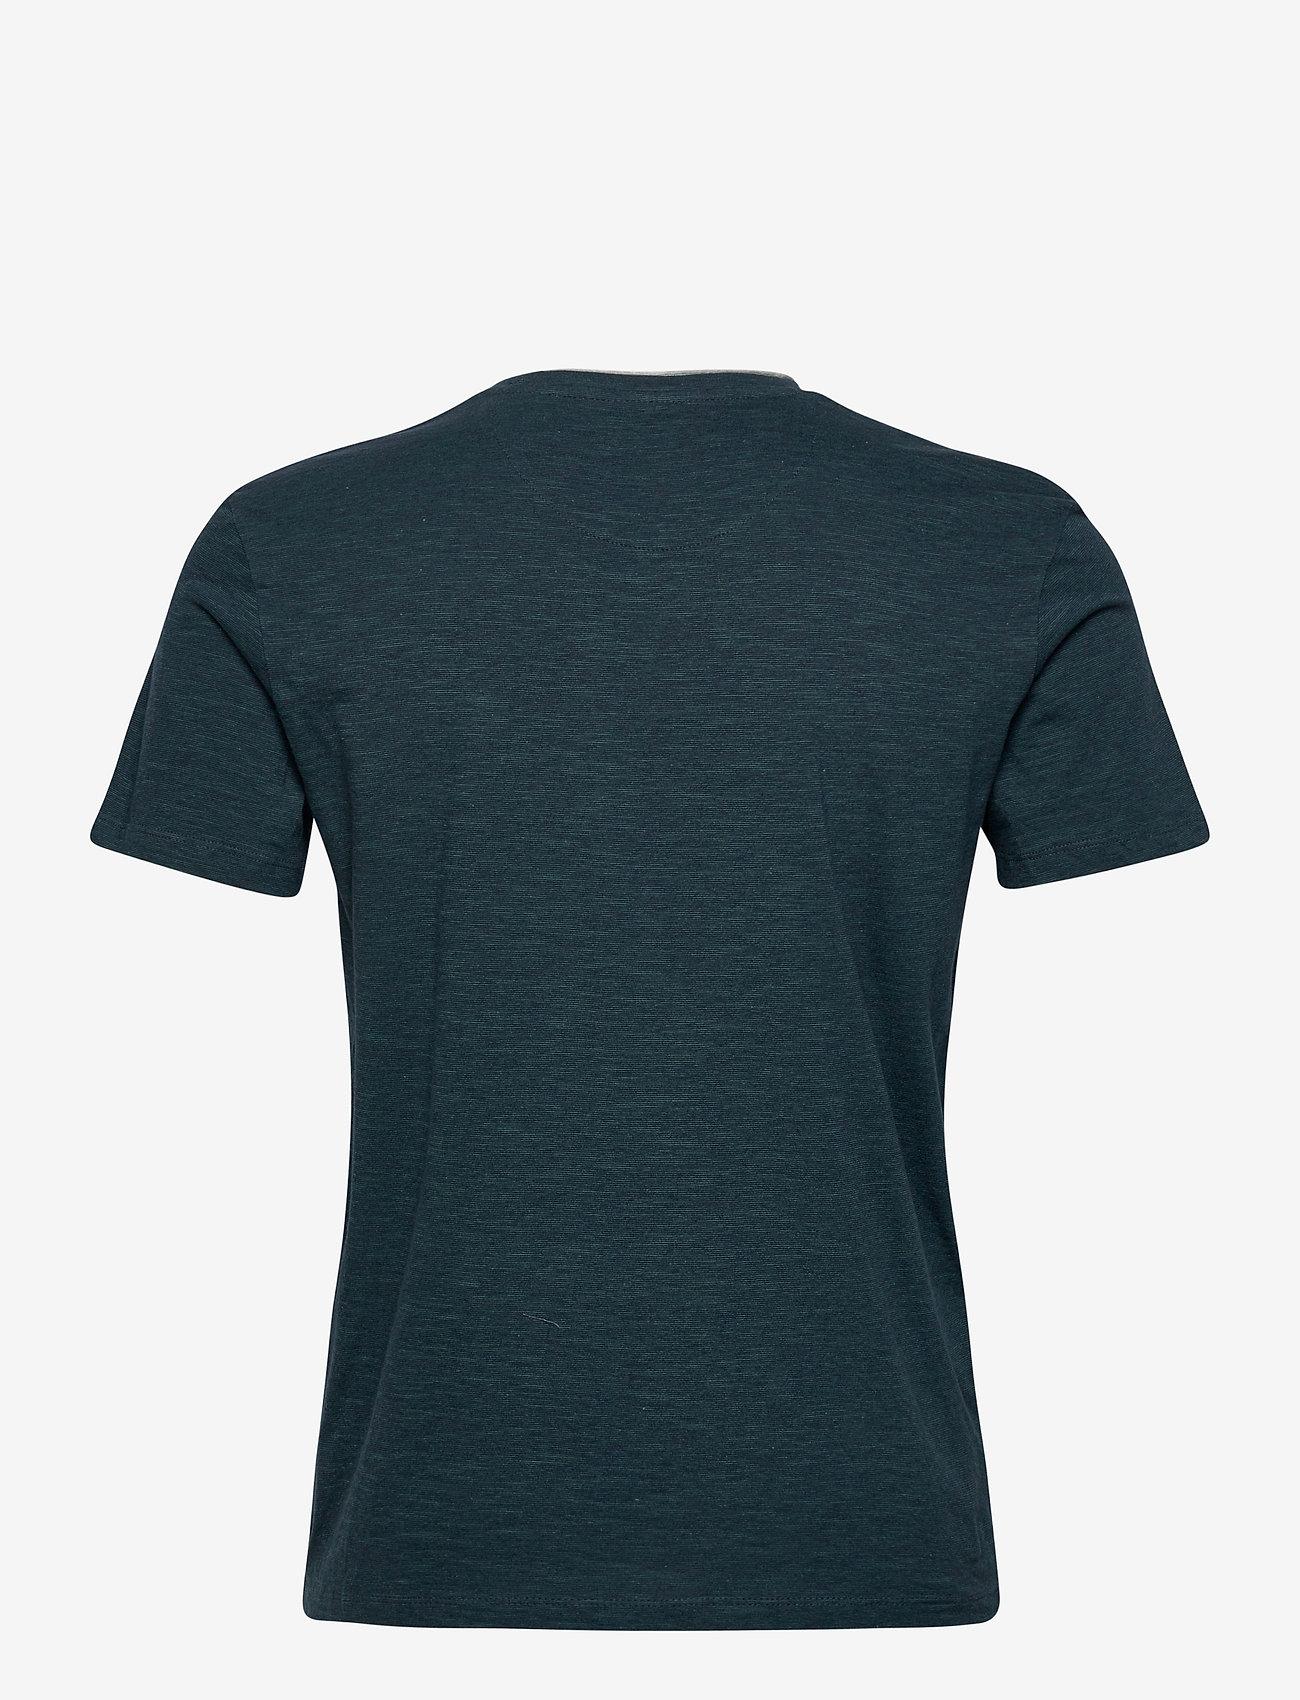 Tom Tailor fineliner t- - T-skjorter DARK GREEN THIN STRIPE - Menn Klær